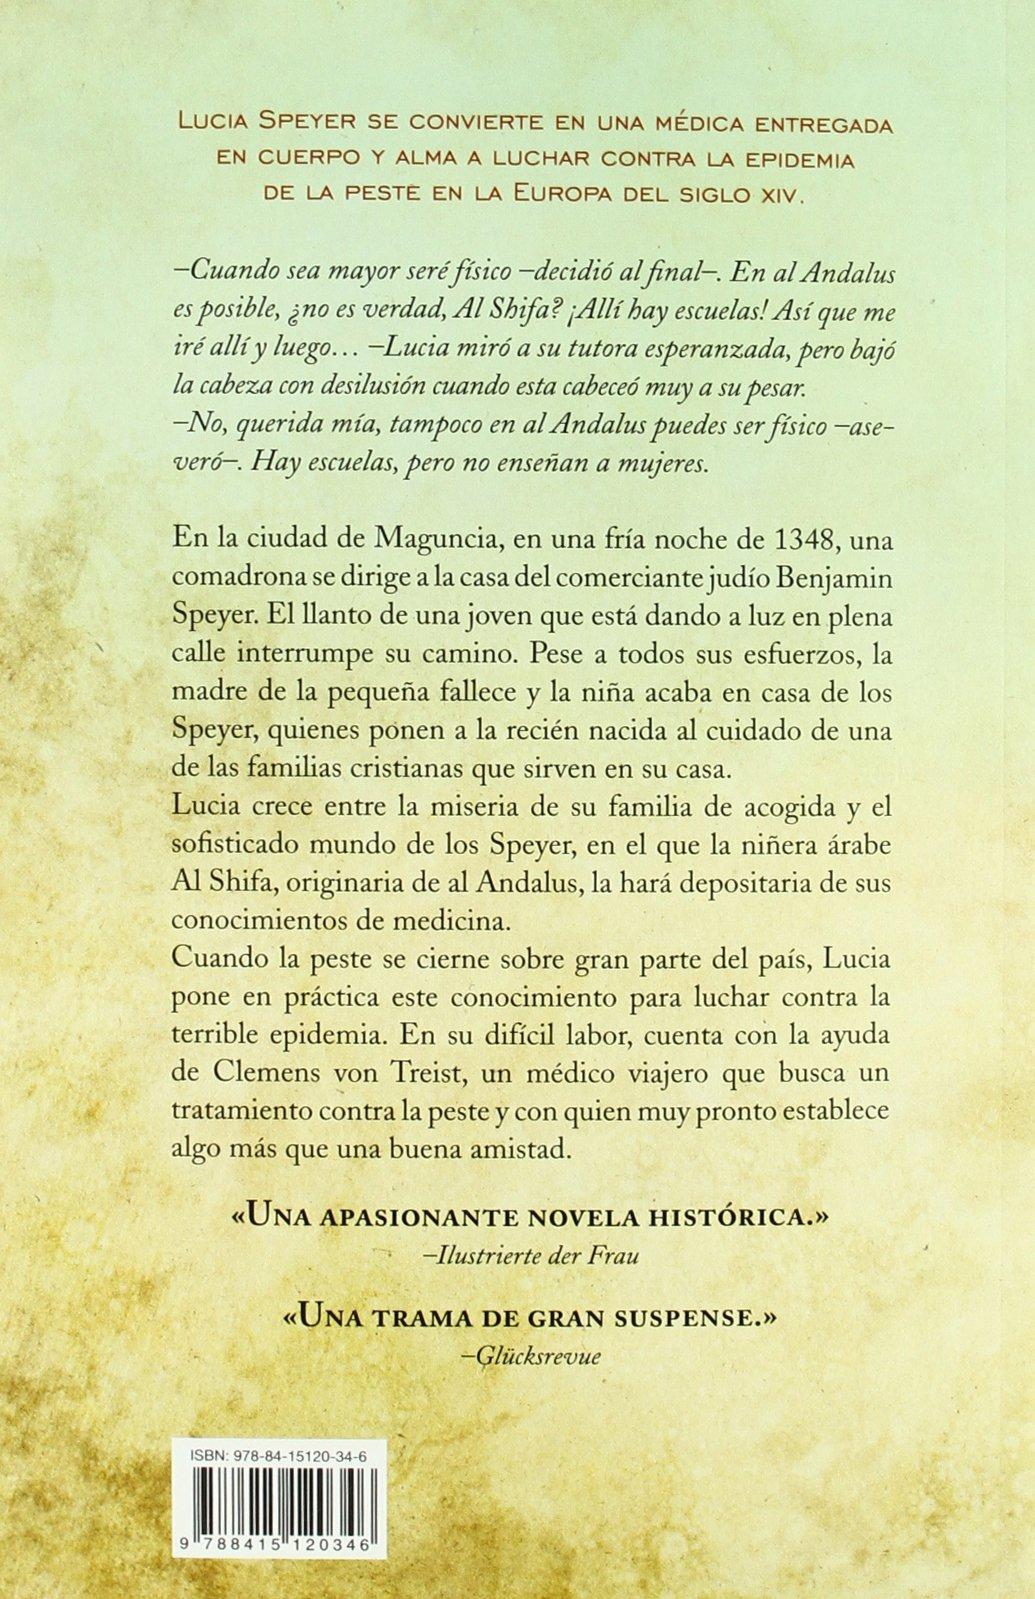 Amazon.fr - La doctora de Maguncia: Una apasionante novela ambientada en la  Edad Media. Una mujer valiente contra las epidemias en una época oscura.